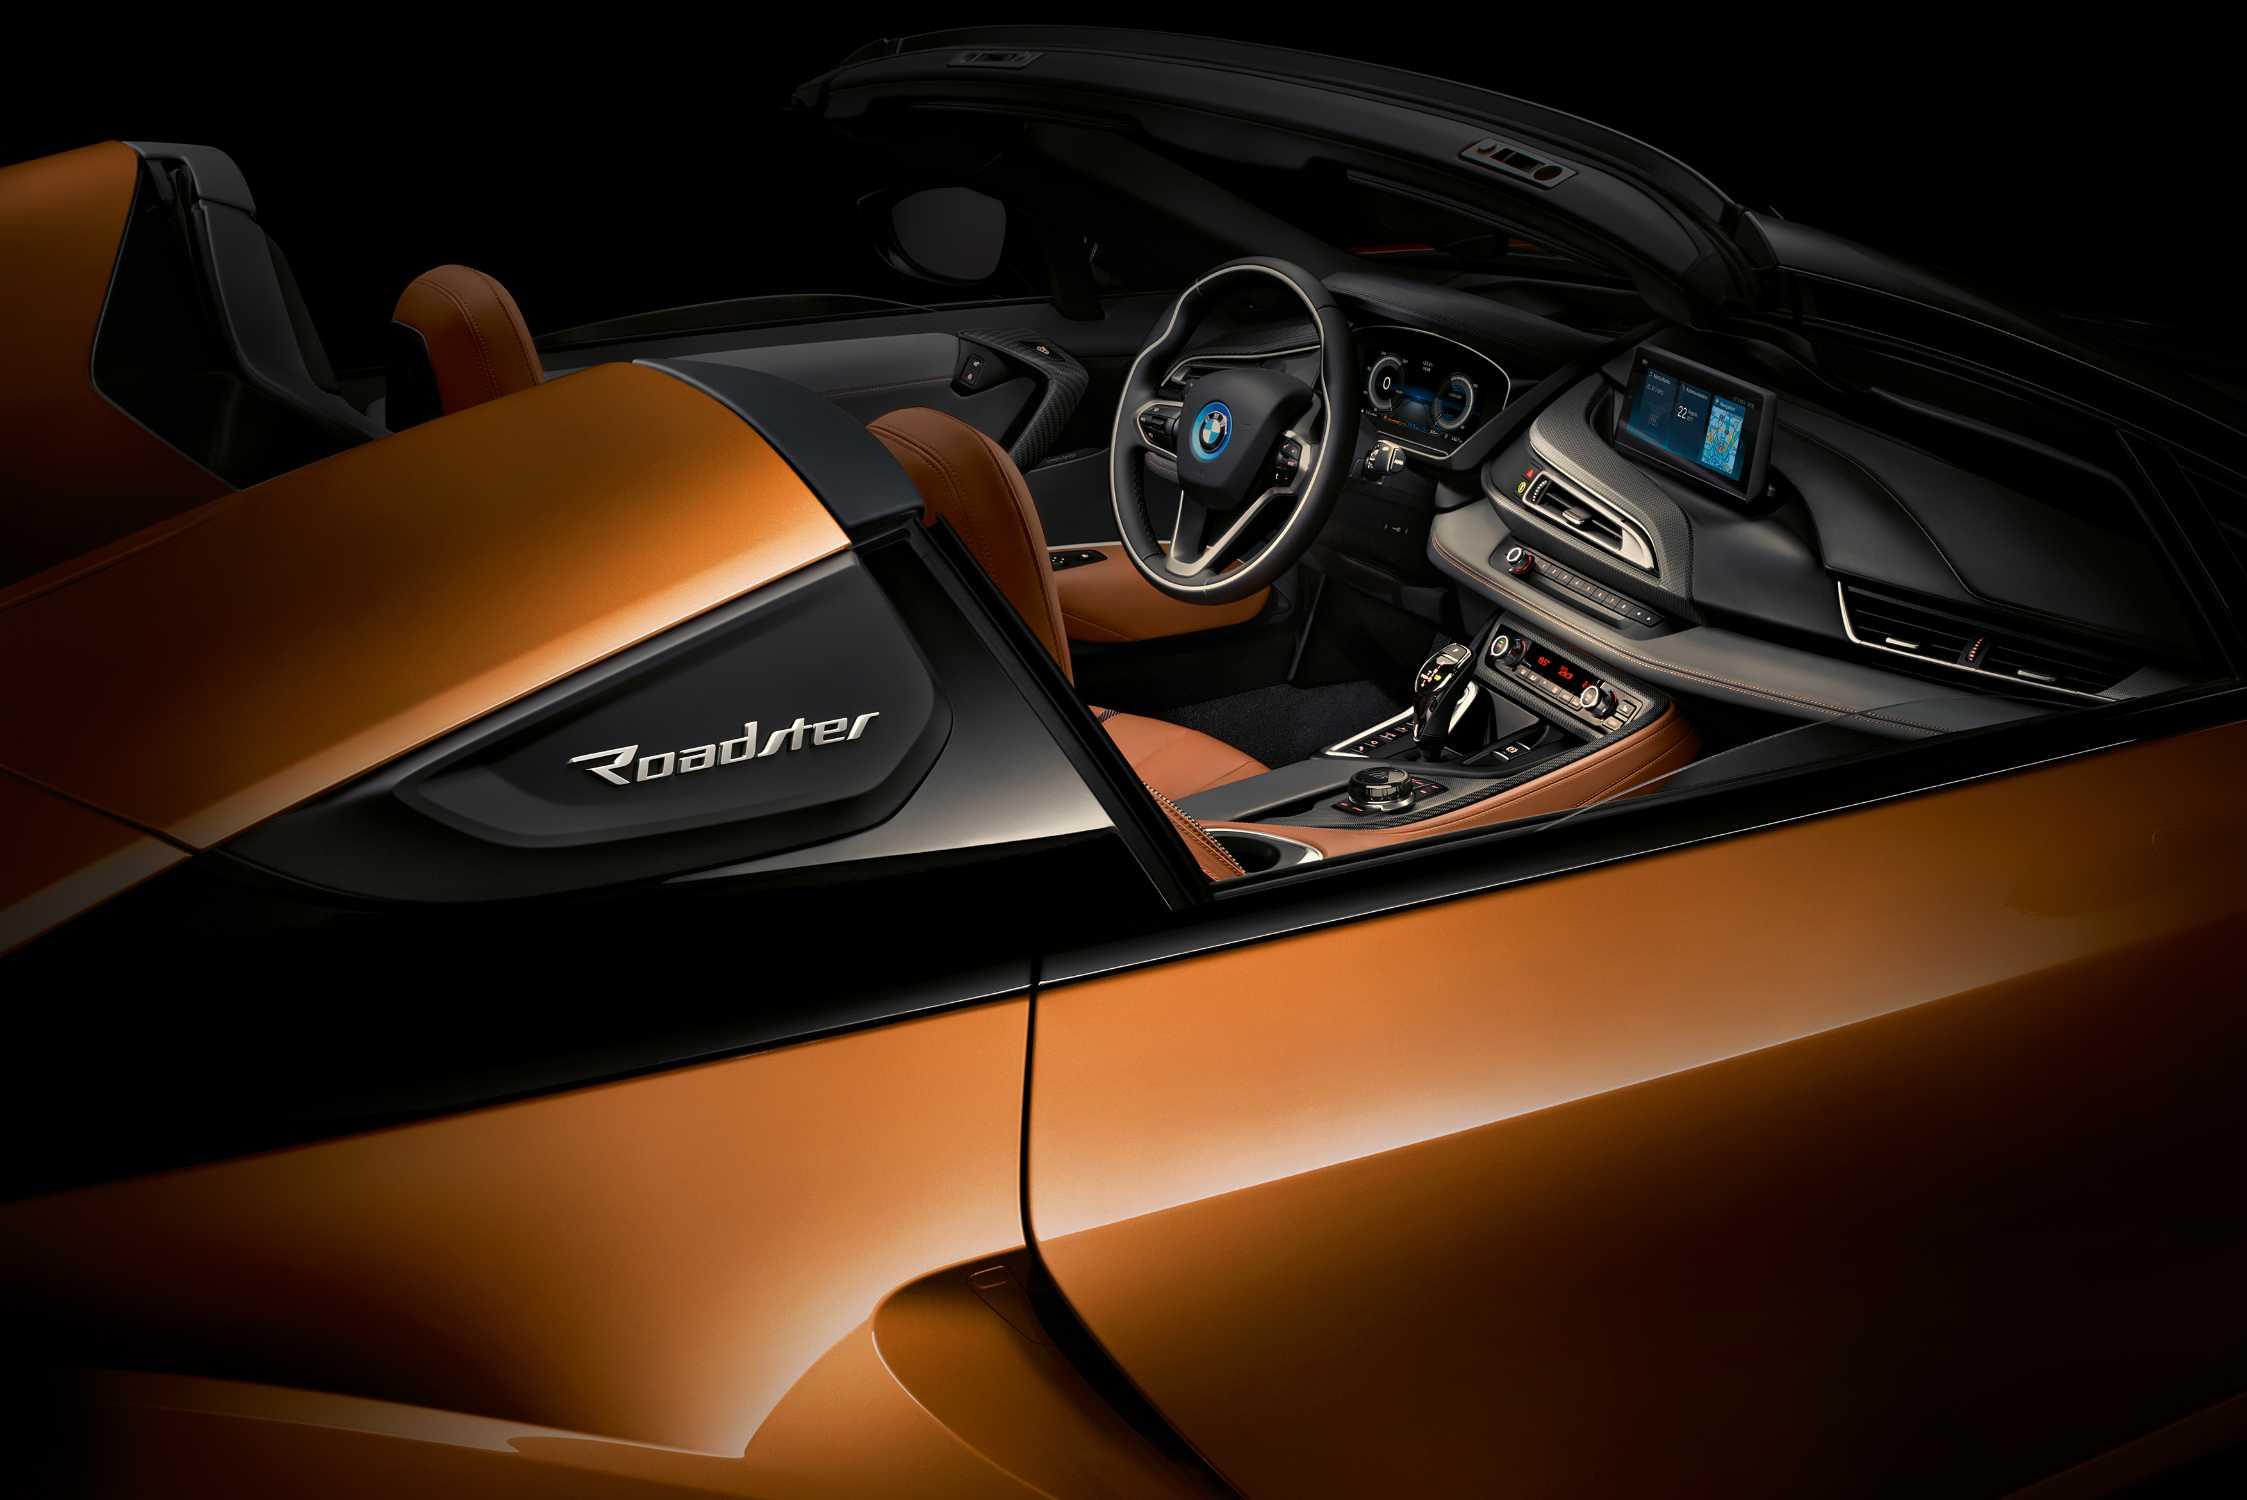 Prijzen Van De Nieuwe Bmw I8 Roadster En Bmw I8 Coupe